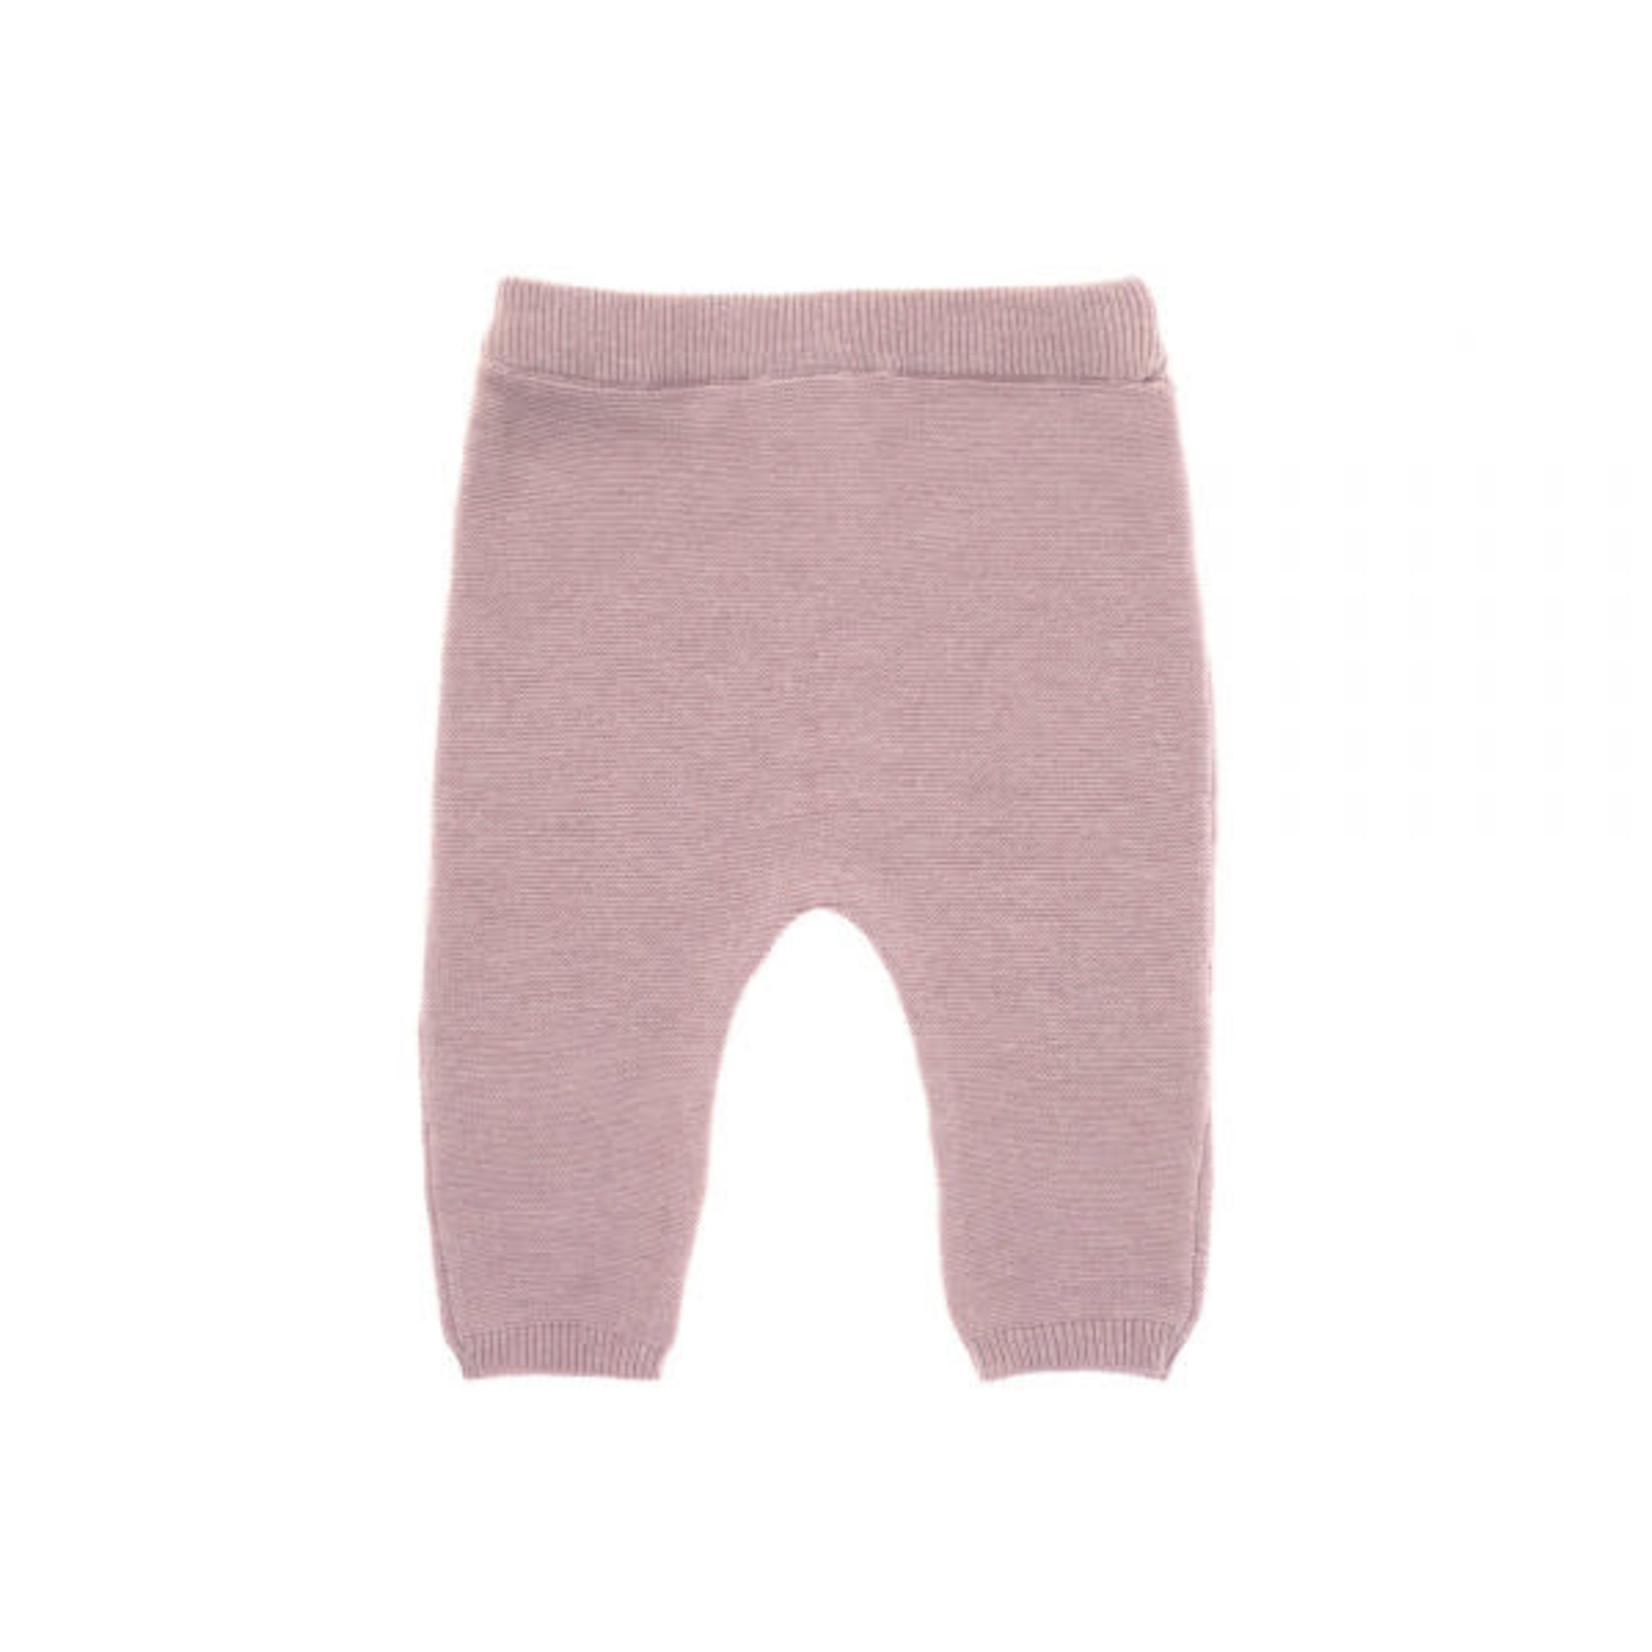 Lässig Knitted Pants Gots  Garden Explorer  Light Pink